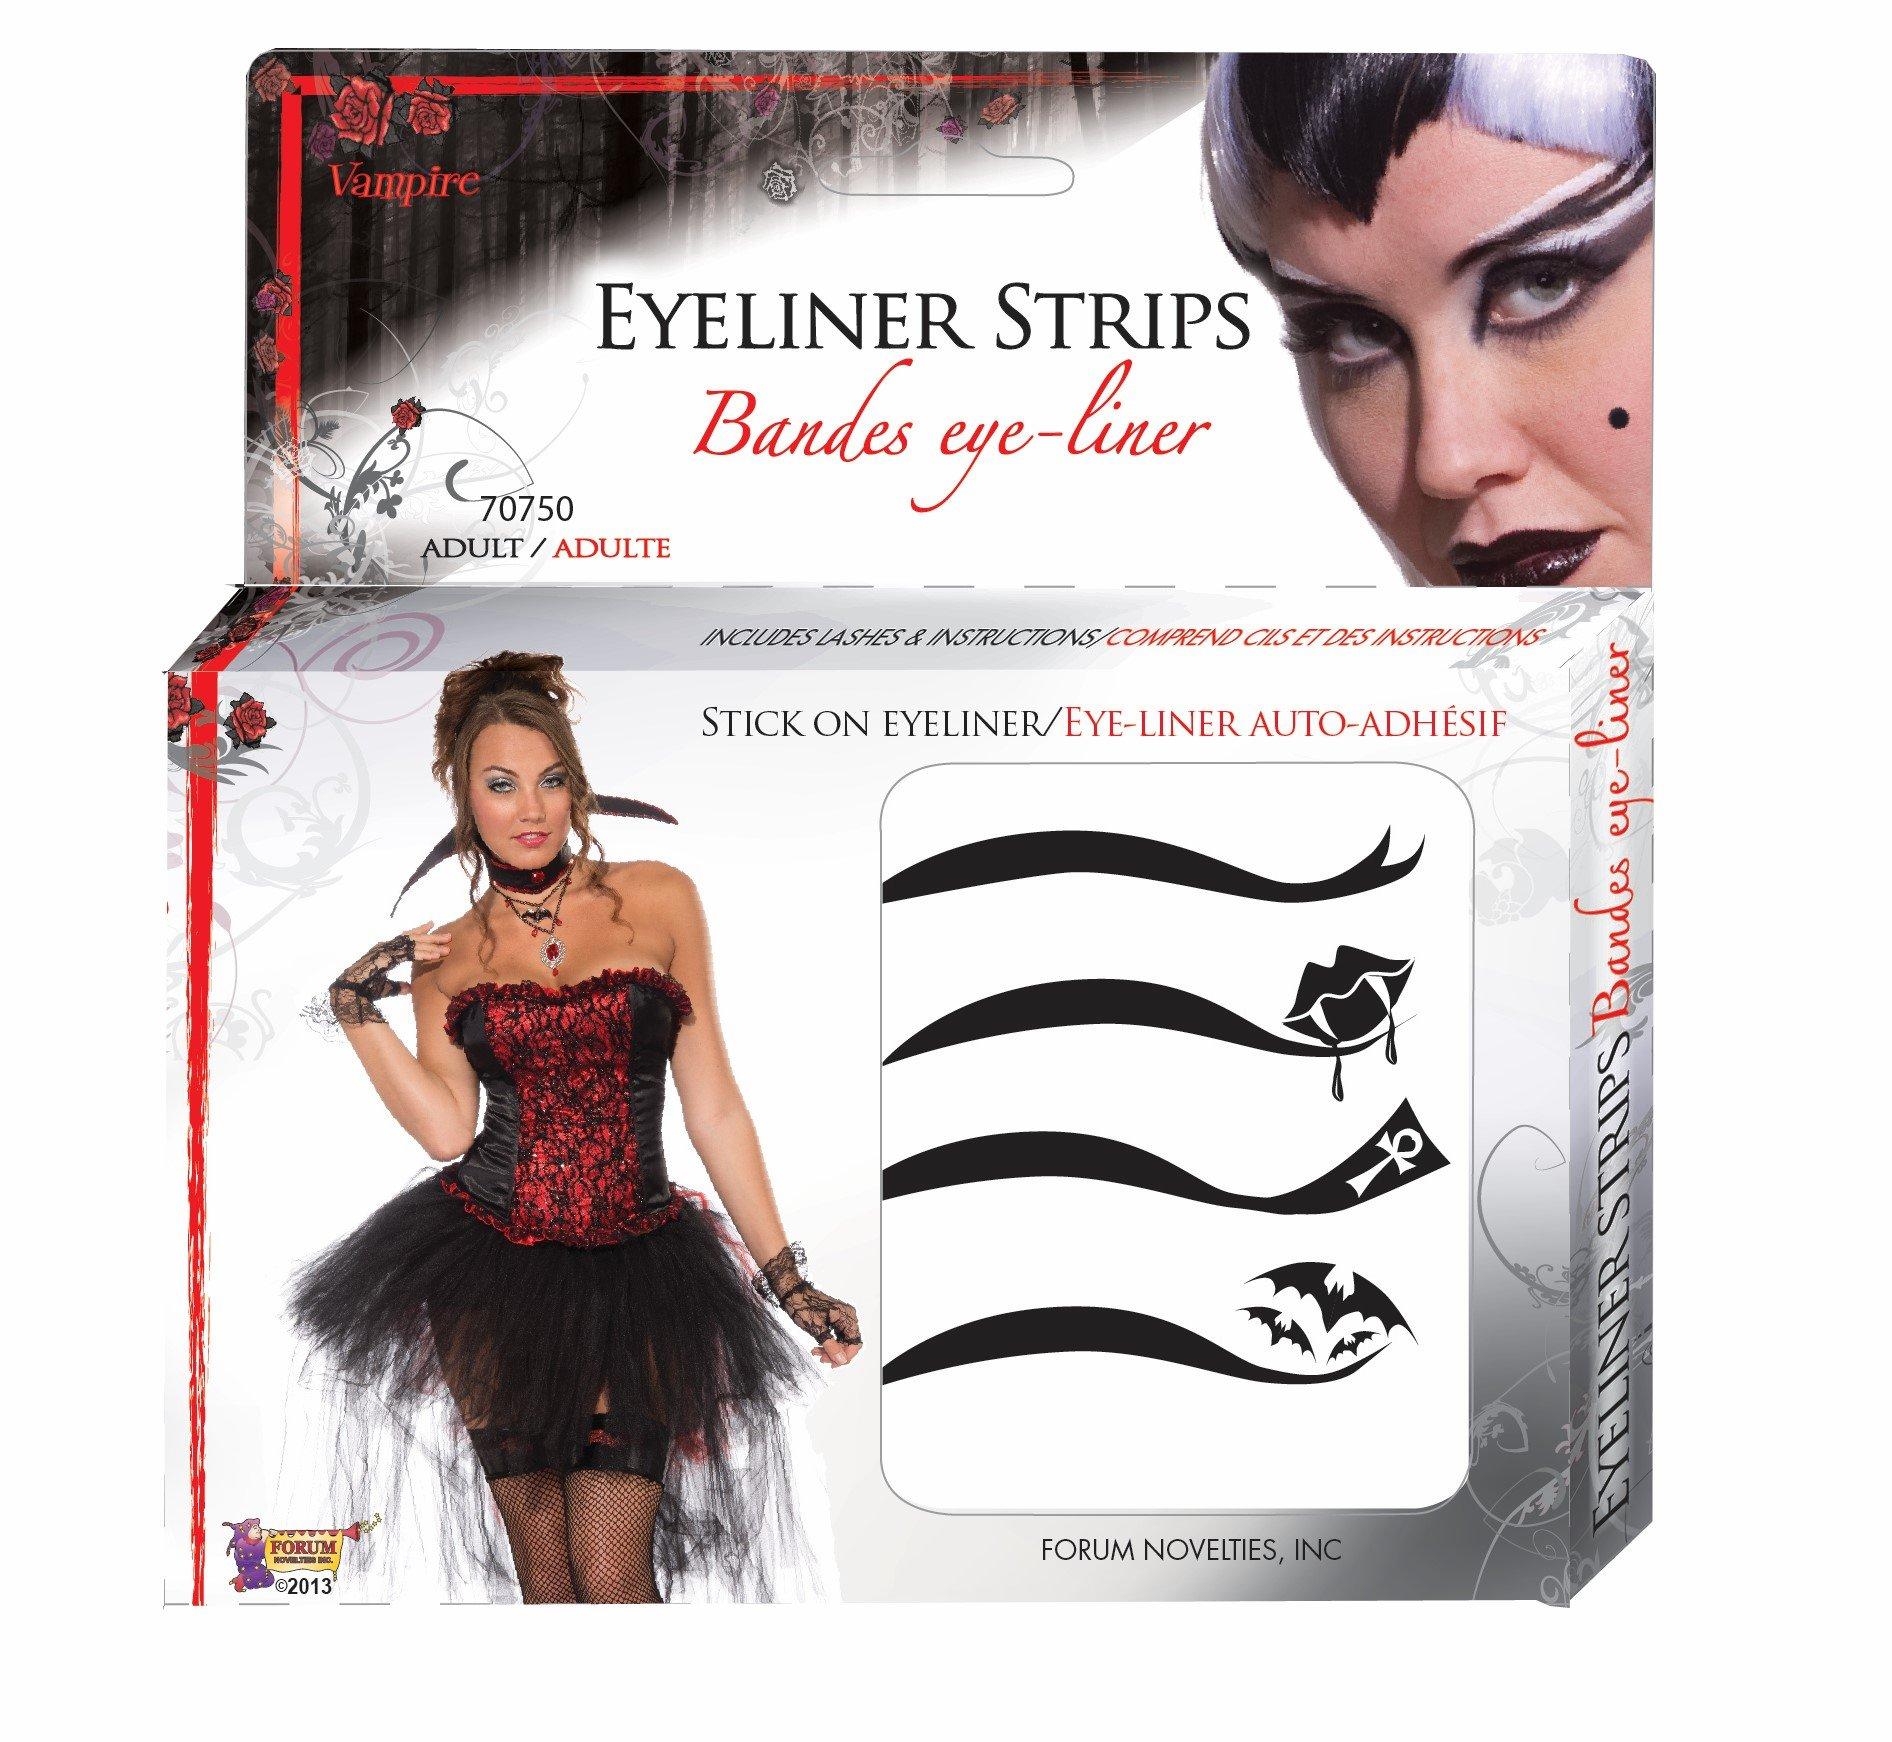 Forum Novelties Women's Vampires Adhesive Eyeliner Strips Kit, Multi, One Size